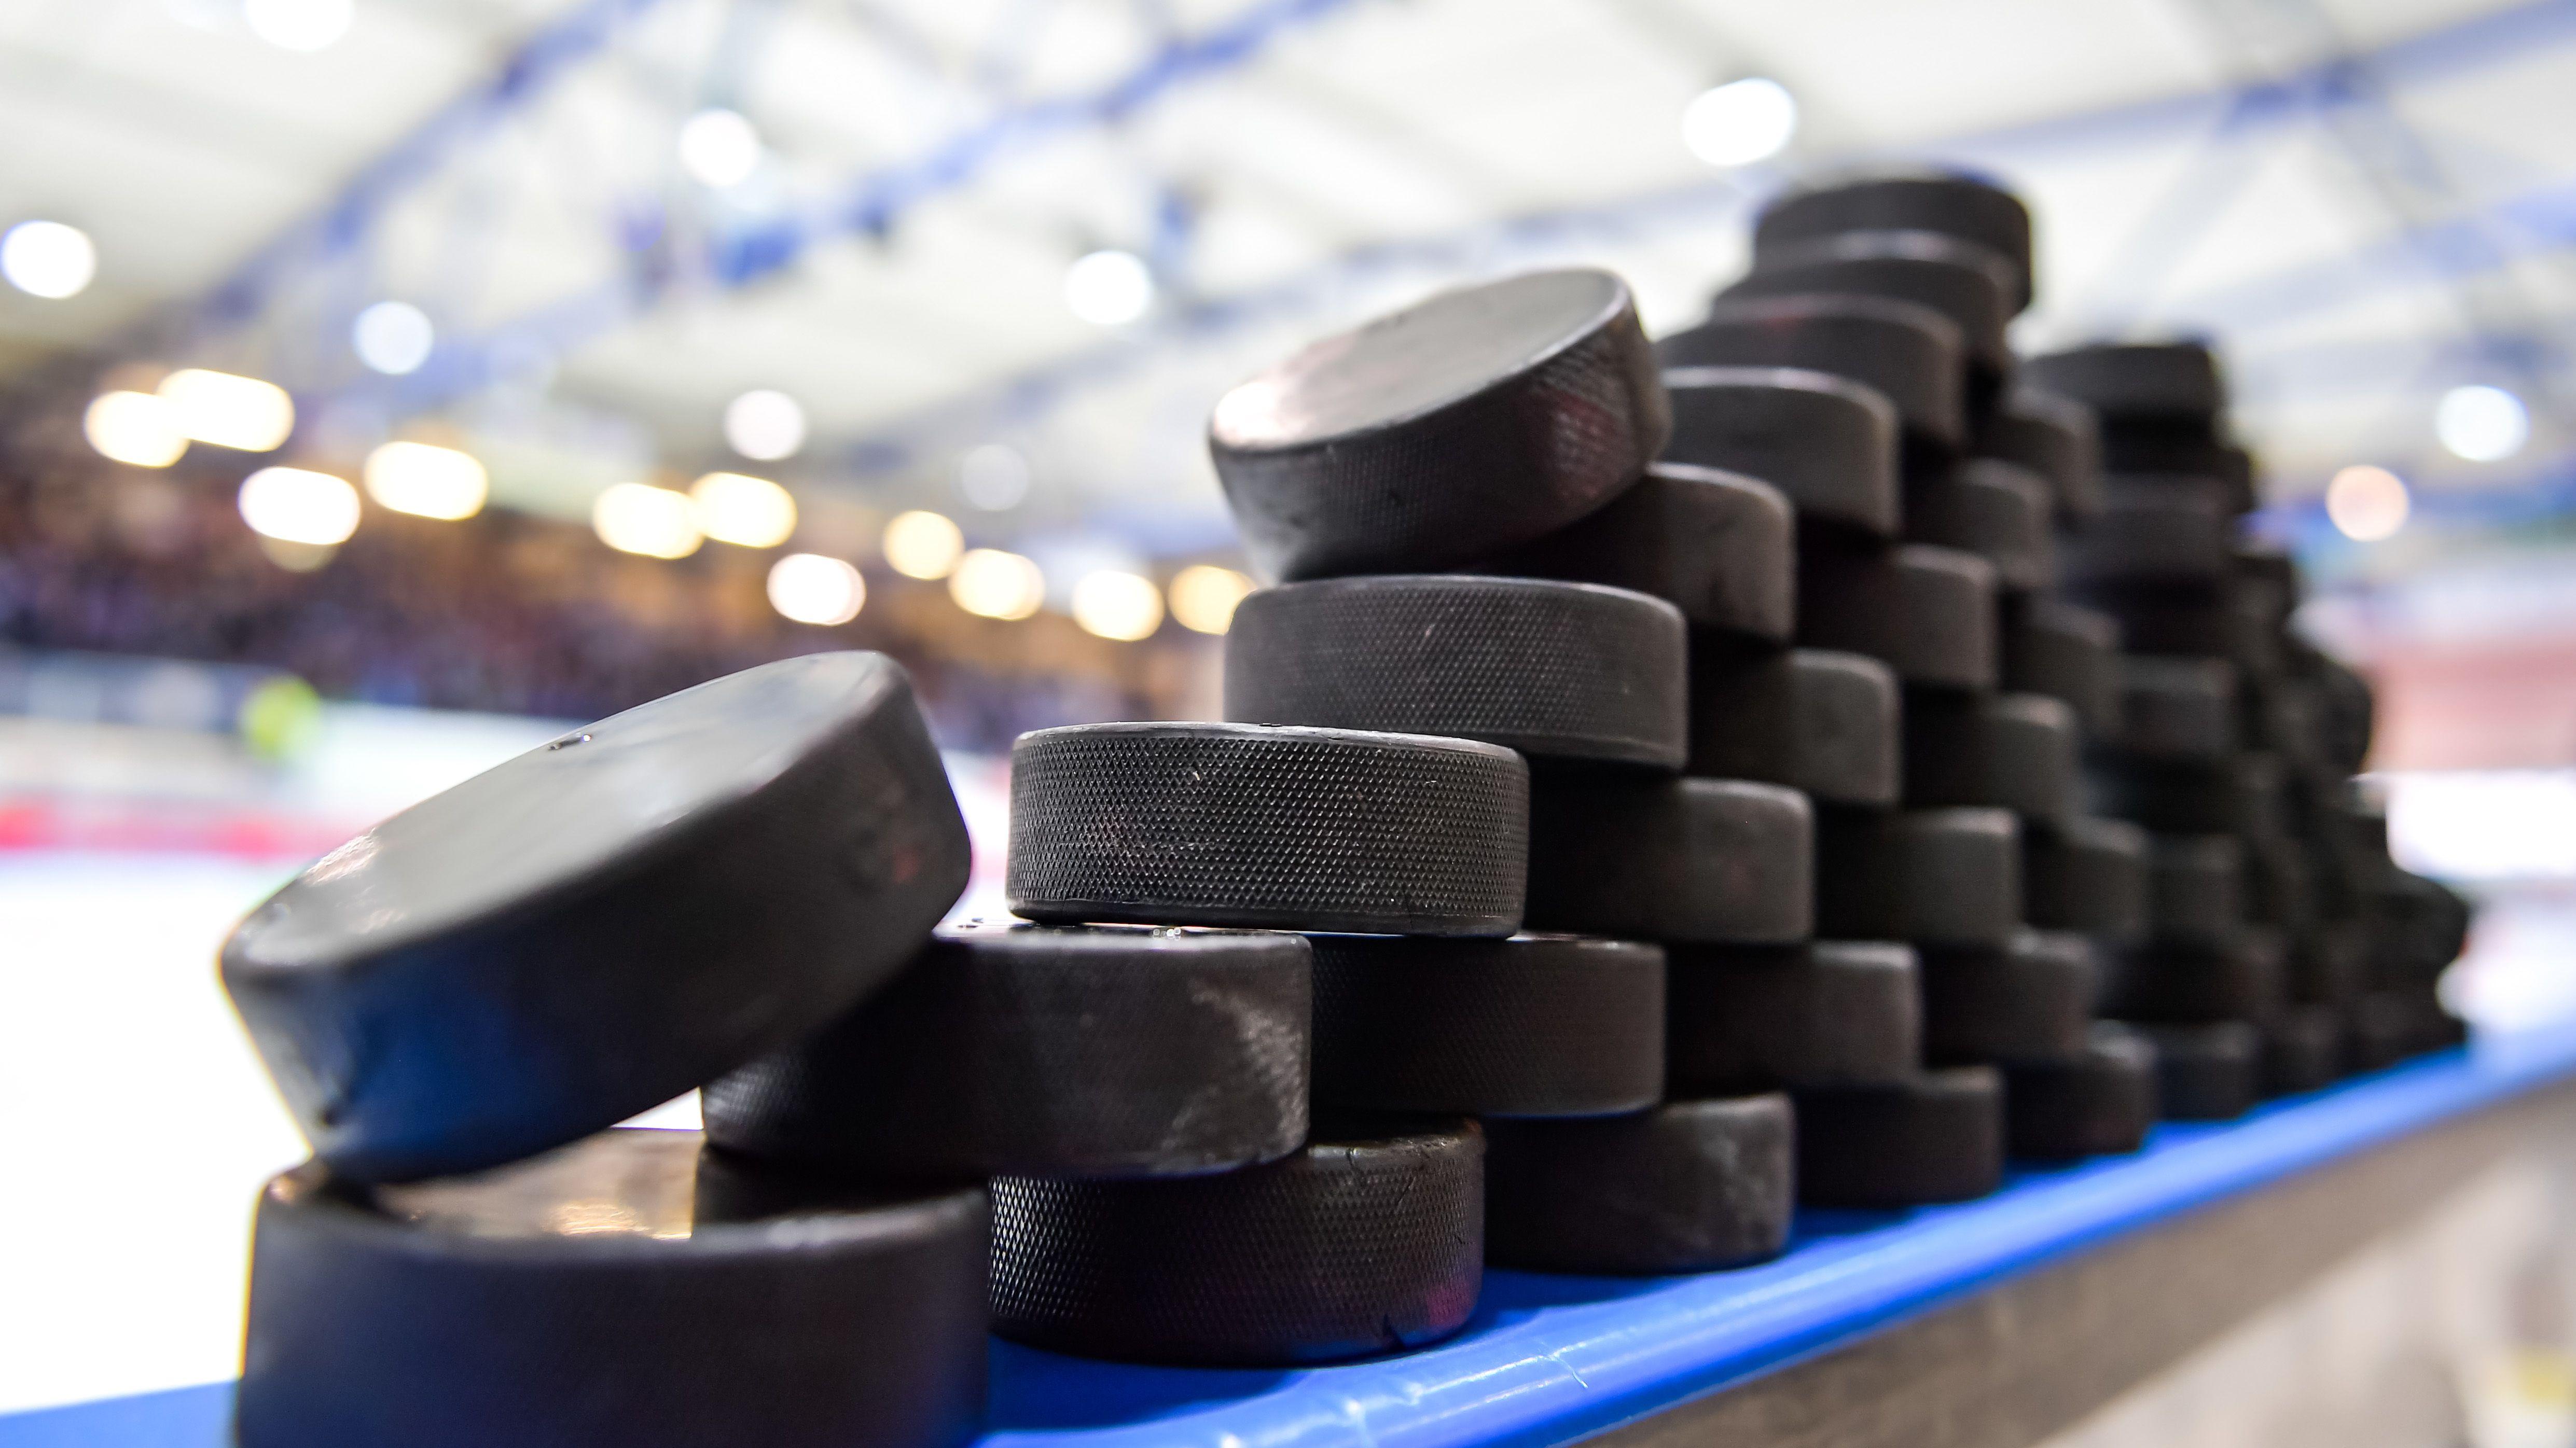 Symbolbild Eishockey-Pucks